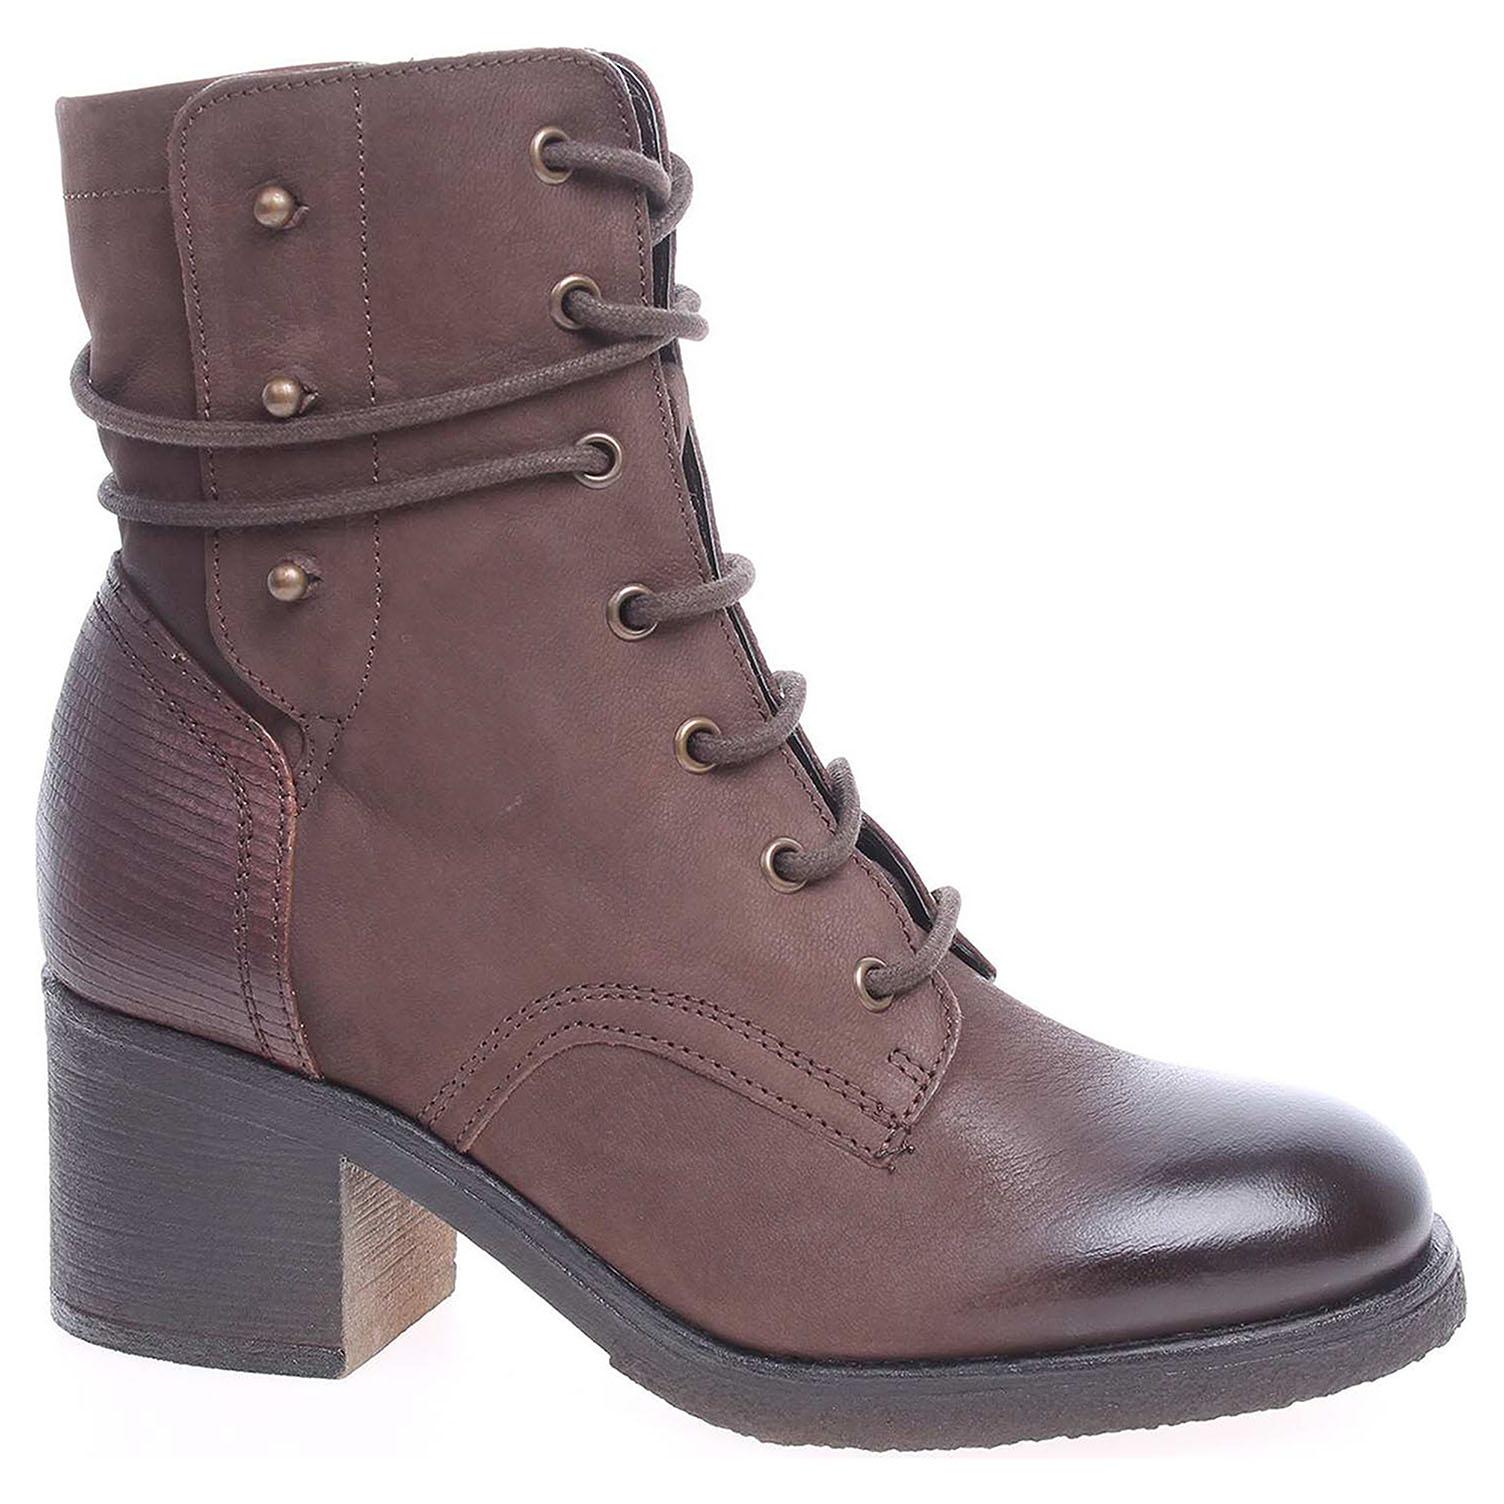 Dámská kotníková obuv Tamaris 1-25113-27 hnědé 41